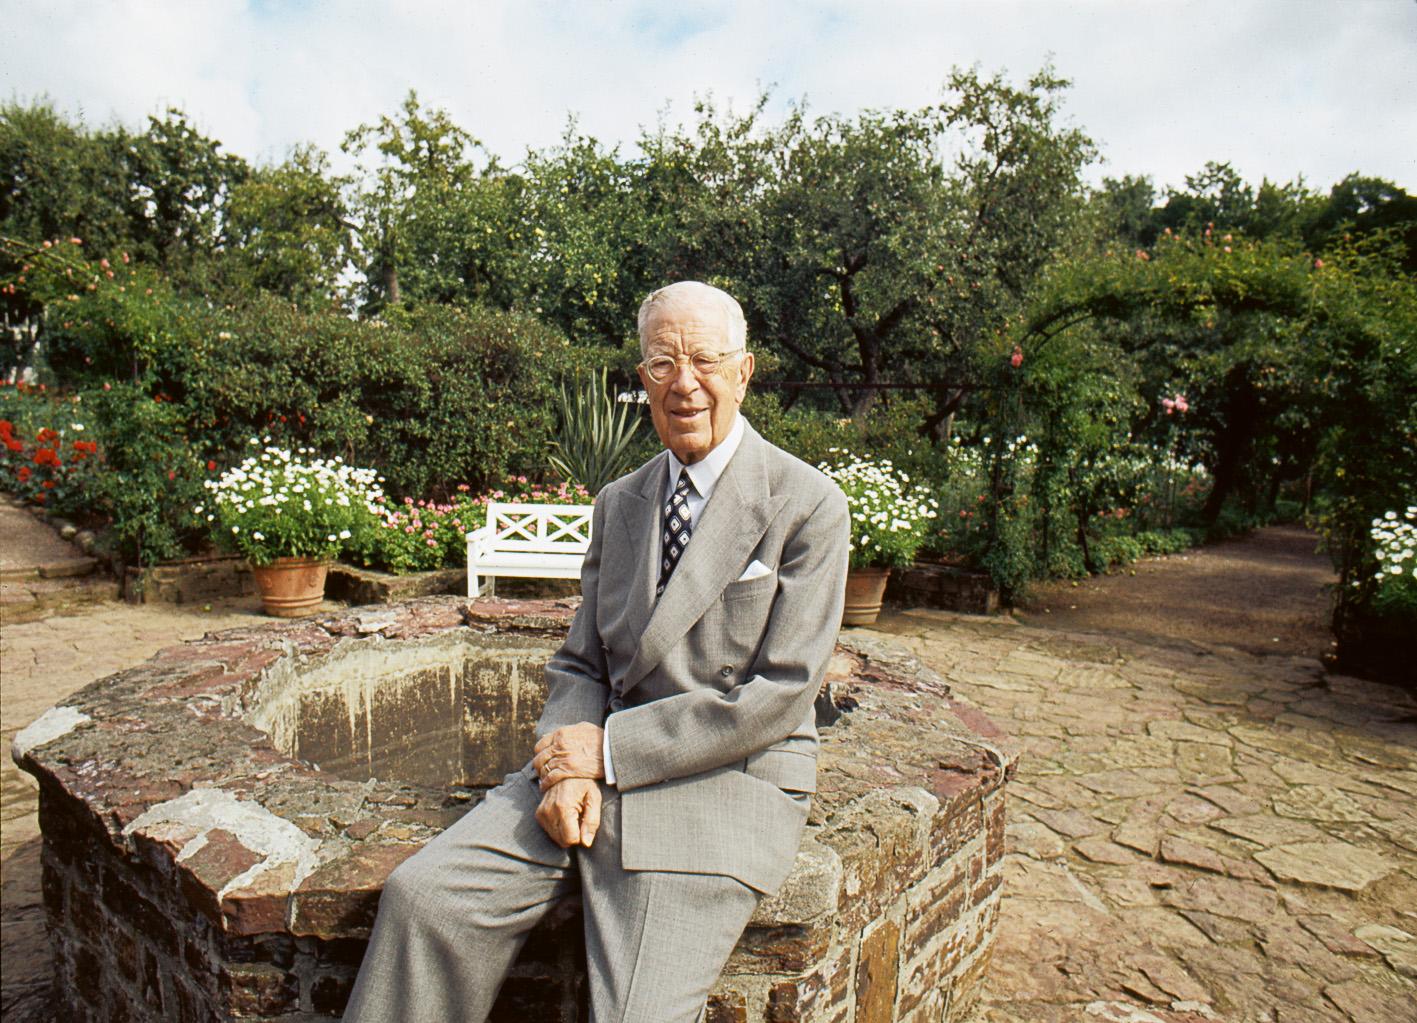 Король Густав VI Адольф отдыхает в своём любимом детище — парке Софиеру, всю свою жизнь он проводил каждое лето здесь